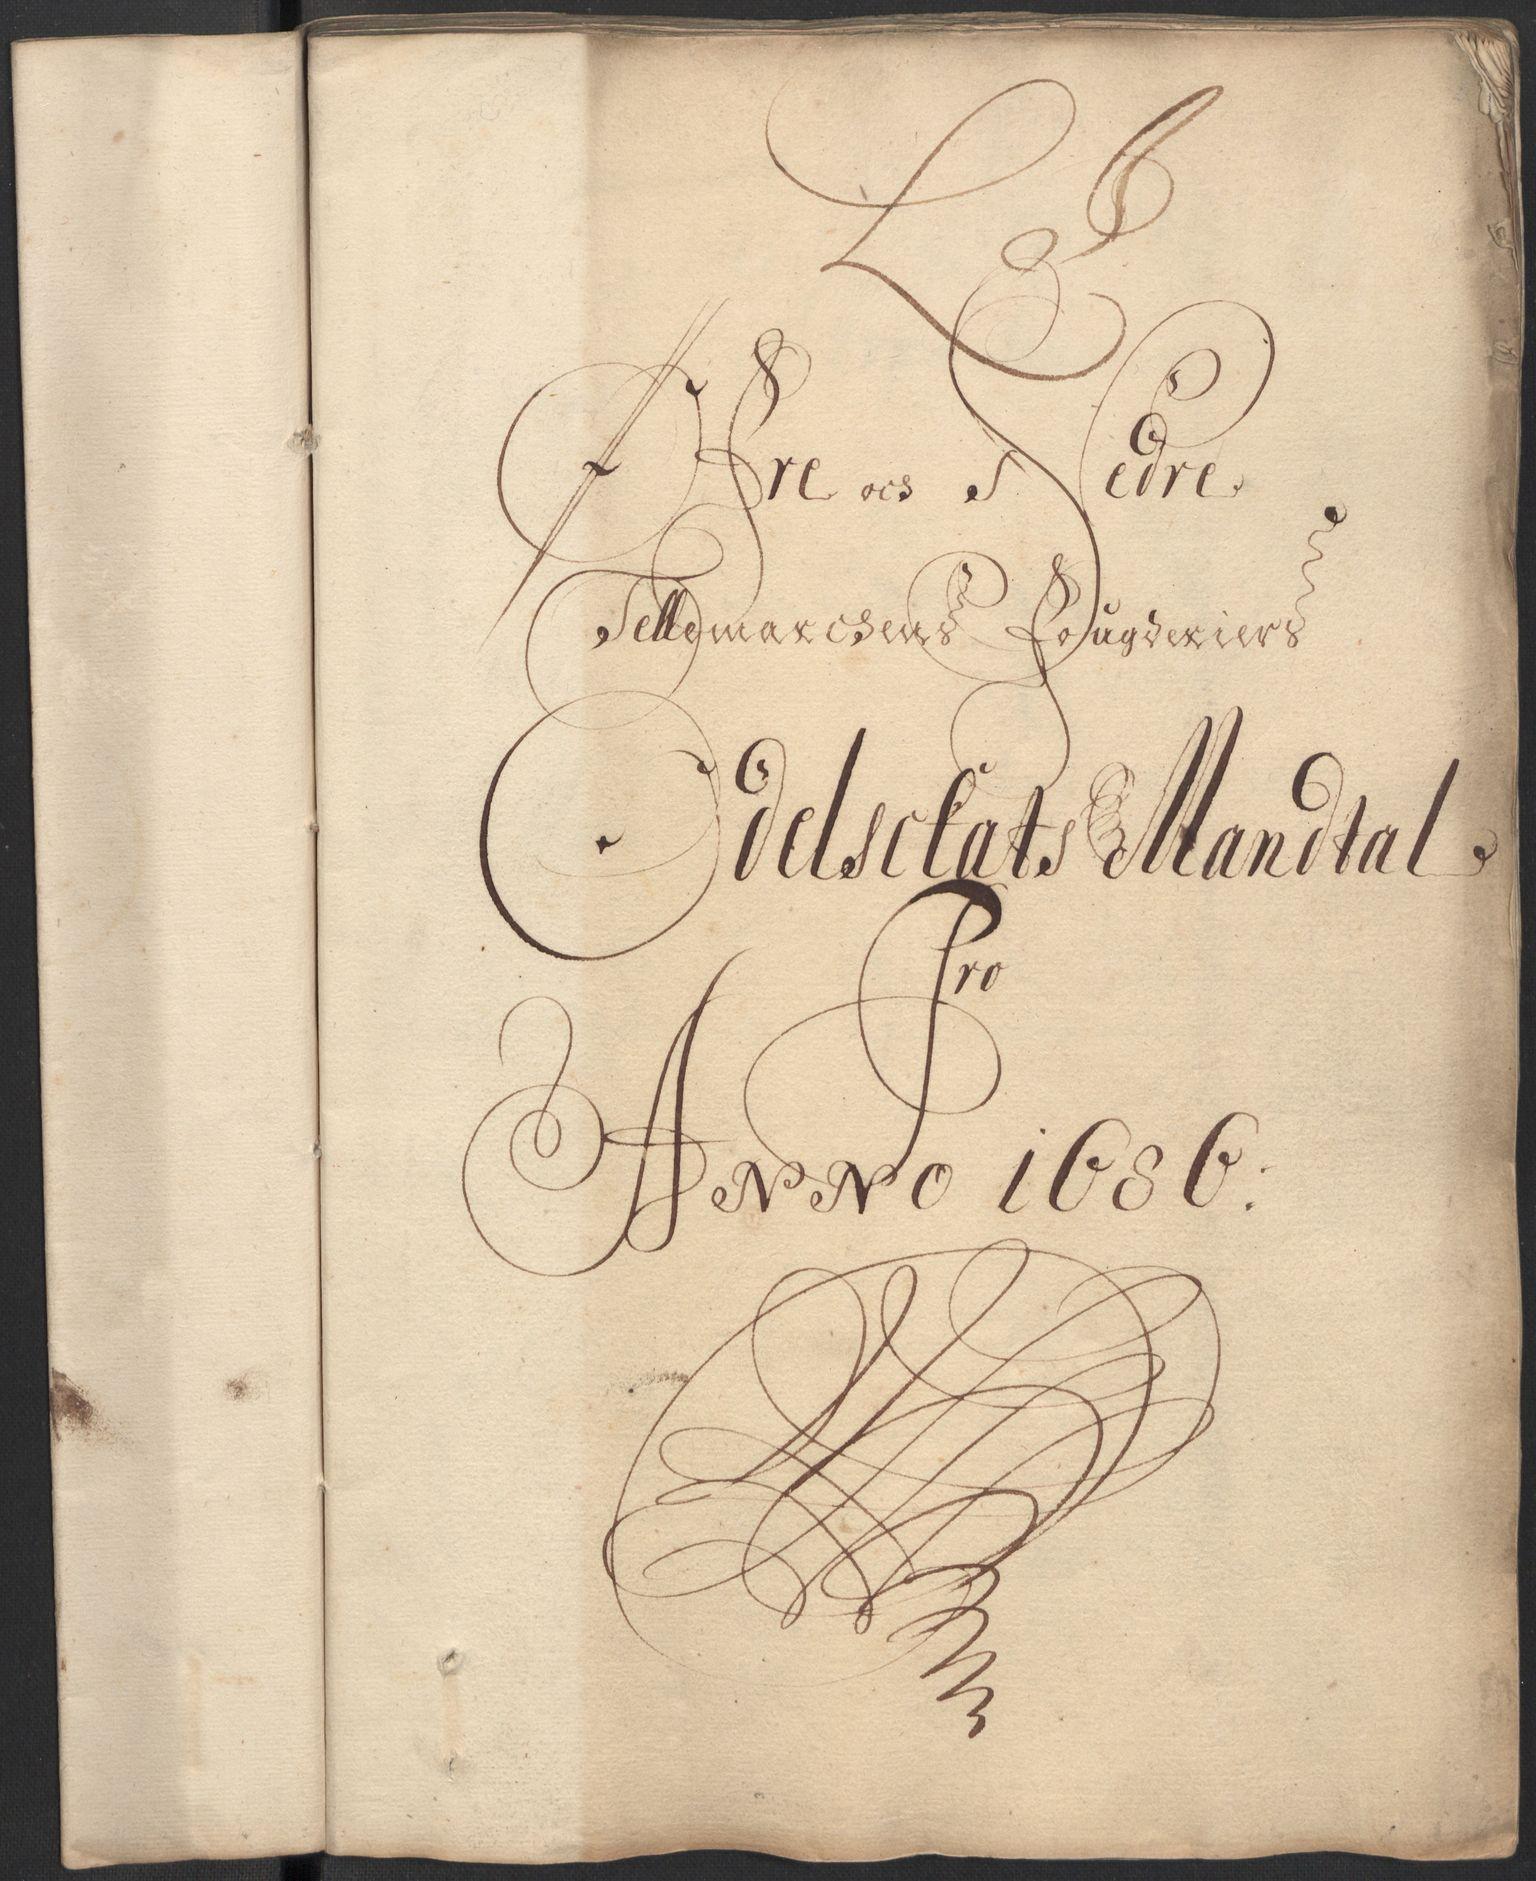 RA, Rentekammeret inntil 1814, Reviderte regnskaper, Fogderegnskap, R35/L2083: Fogderegnskap Øvre og Nedre Telemark, 1686, s. 219